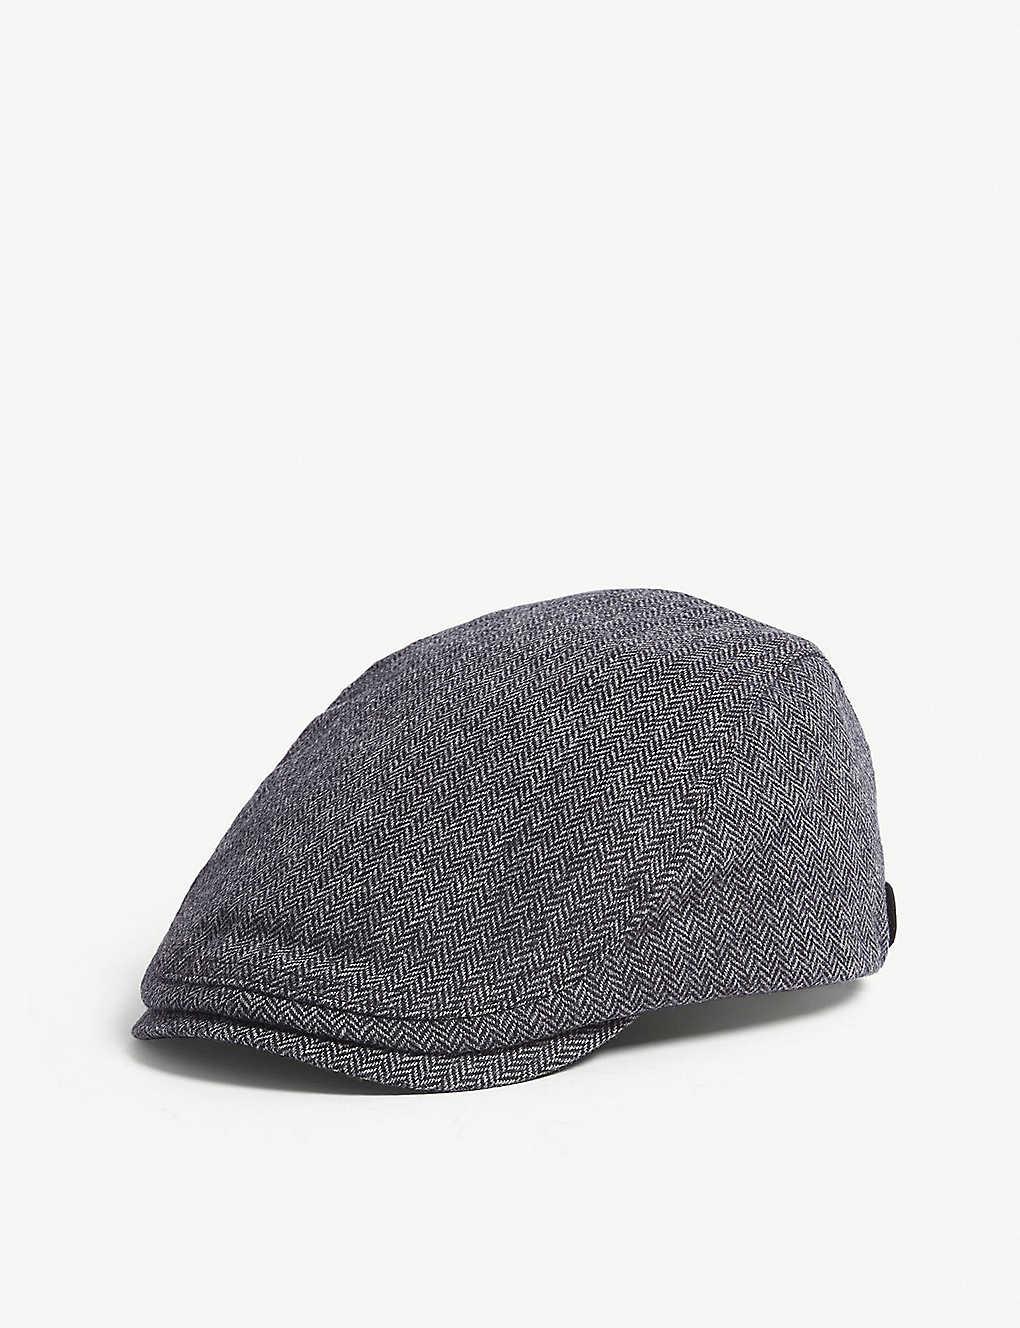 4dff51d8ad5 TED BAKER - Asam flat cap